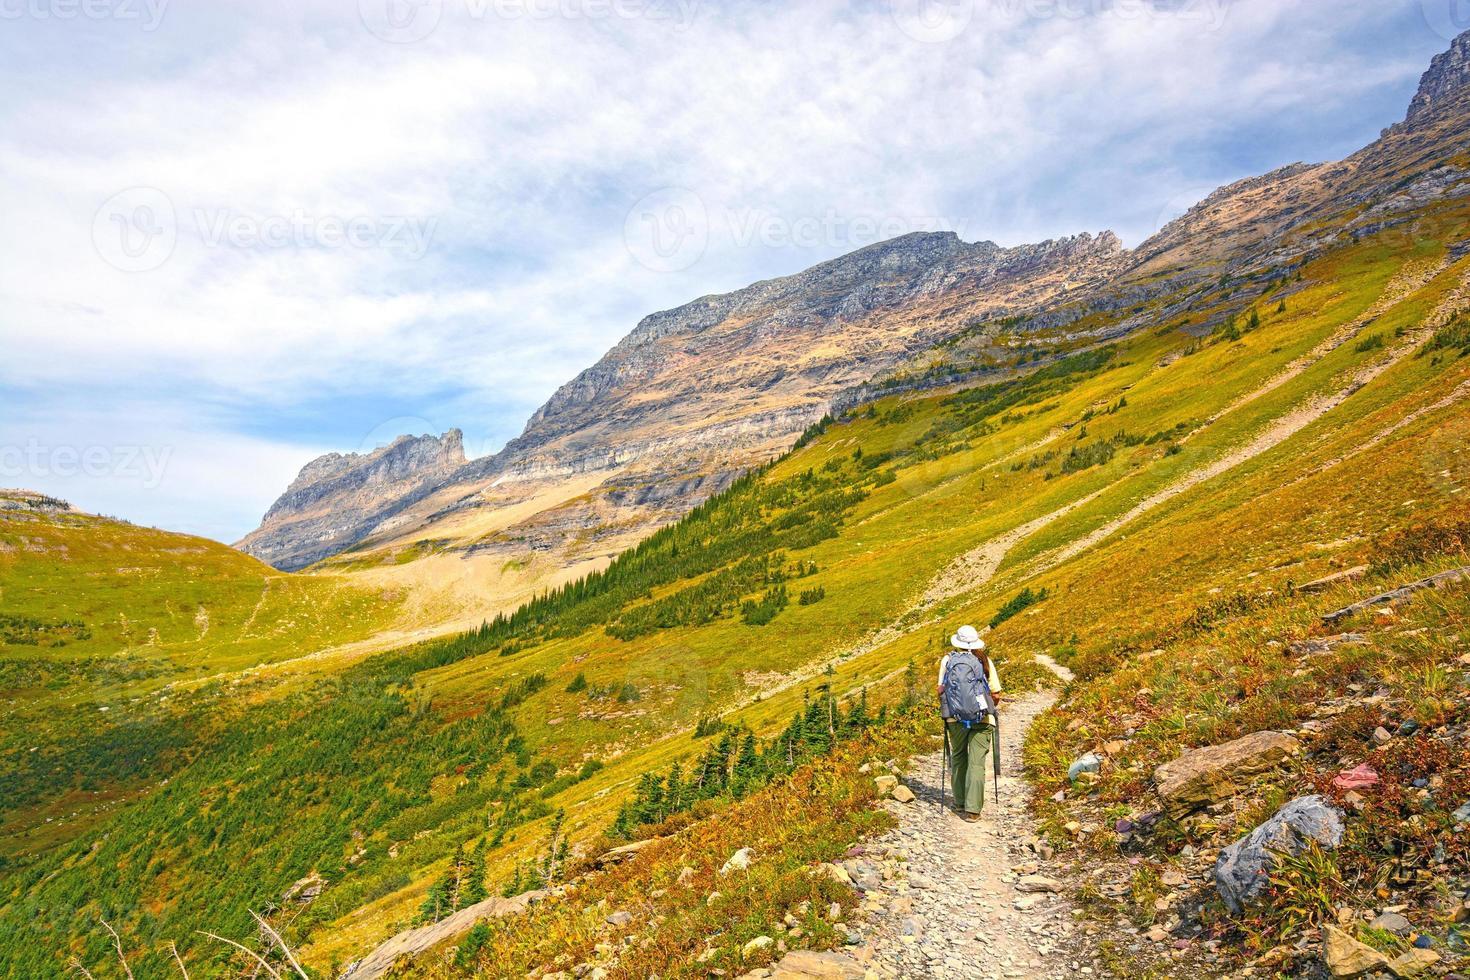 randonneur se dirigeant vers une vallée alpine à l'automne photo